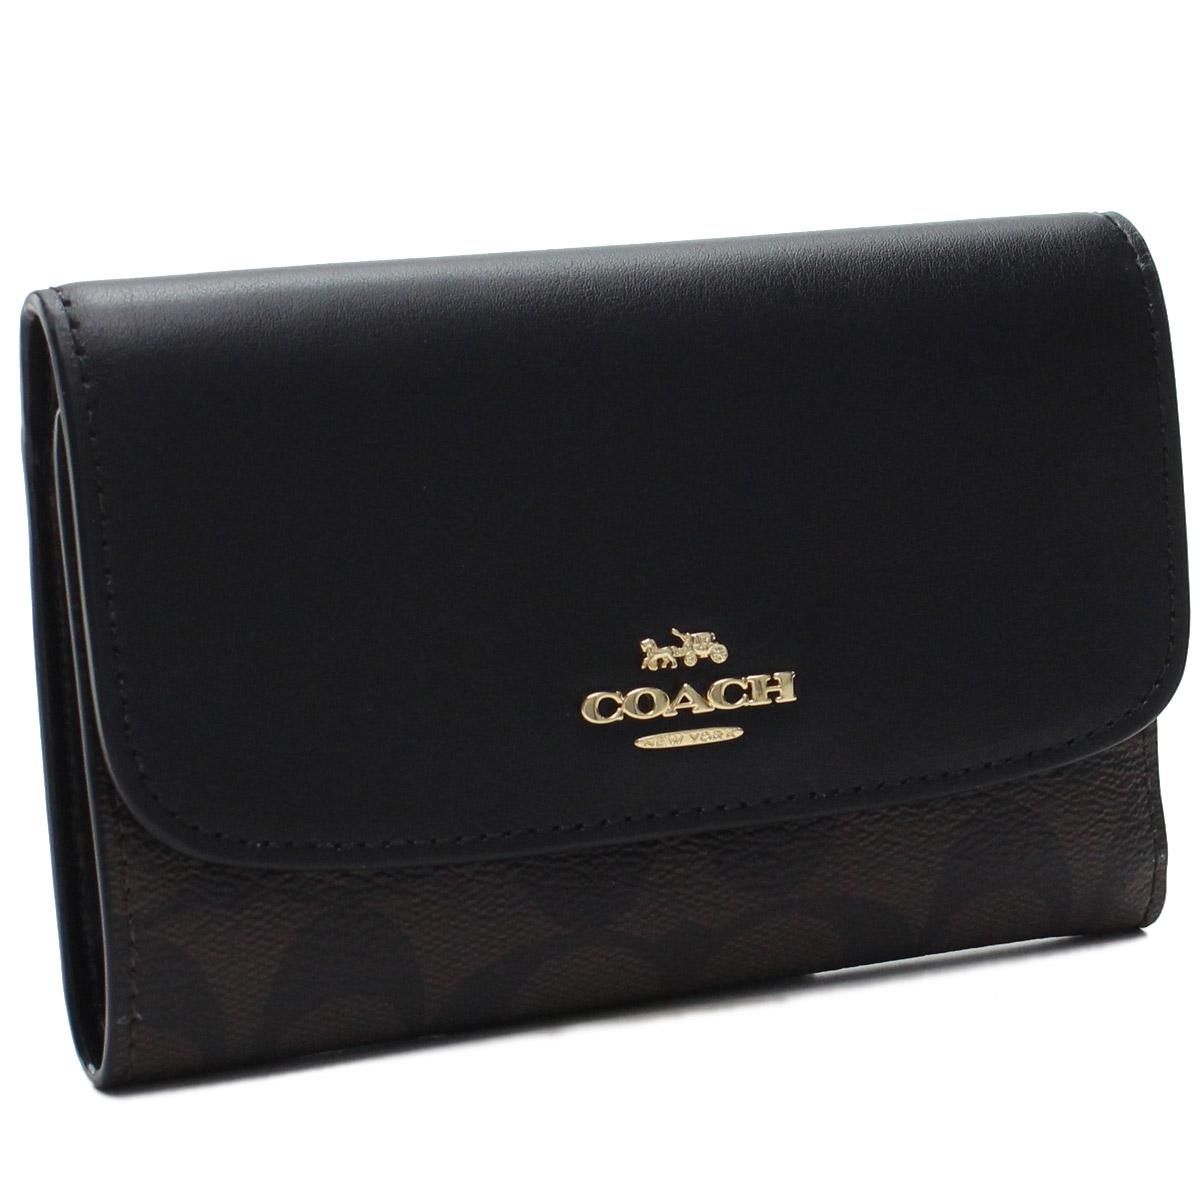 コーチ COACH 3つ折り財布 F32485 IMAA8 ブラック ブラウン系 レディース